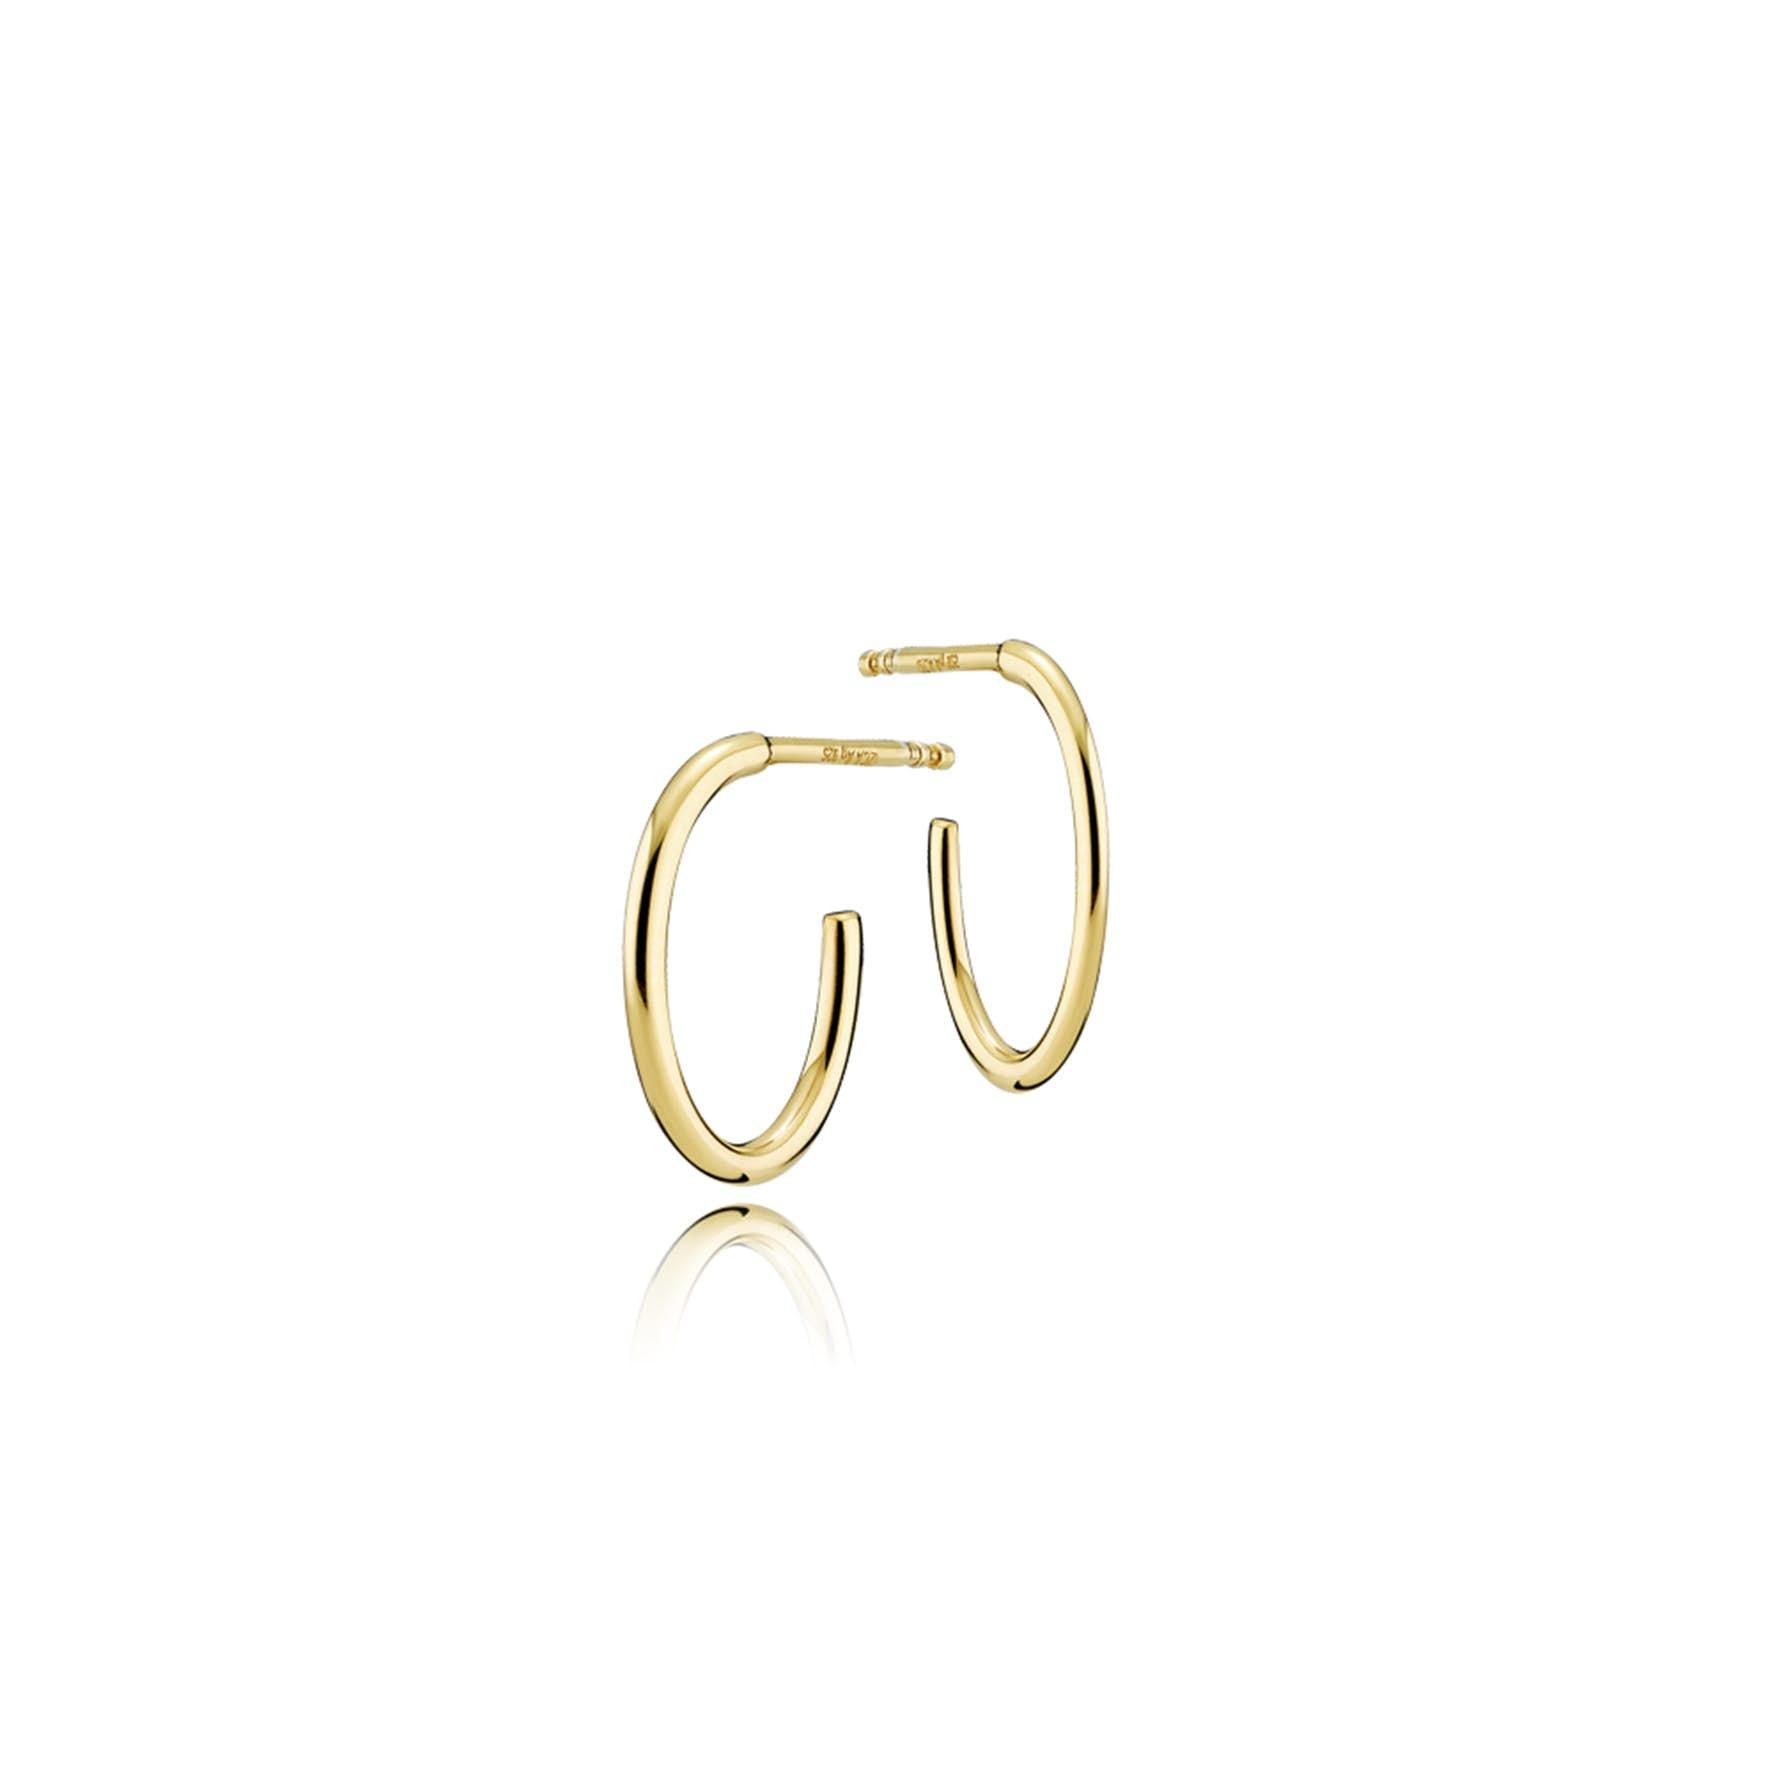 Endless Earrings Small fra Izabel Camille i Forgylt-Sølv Sterling 925